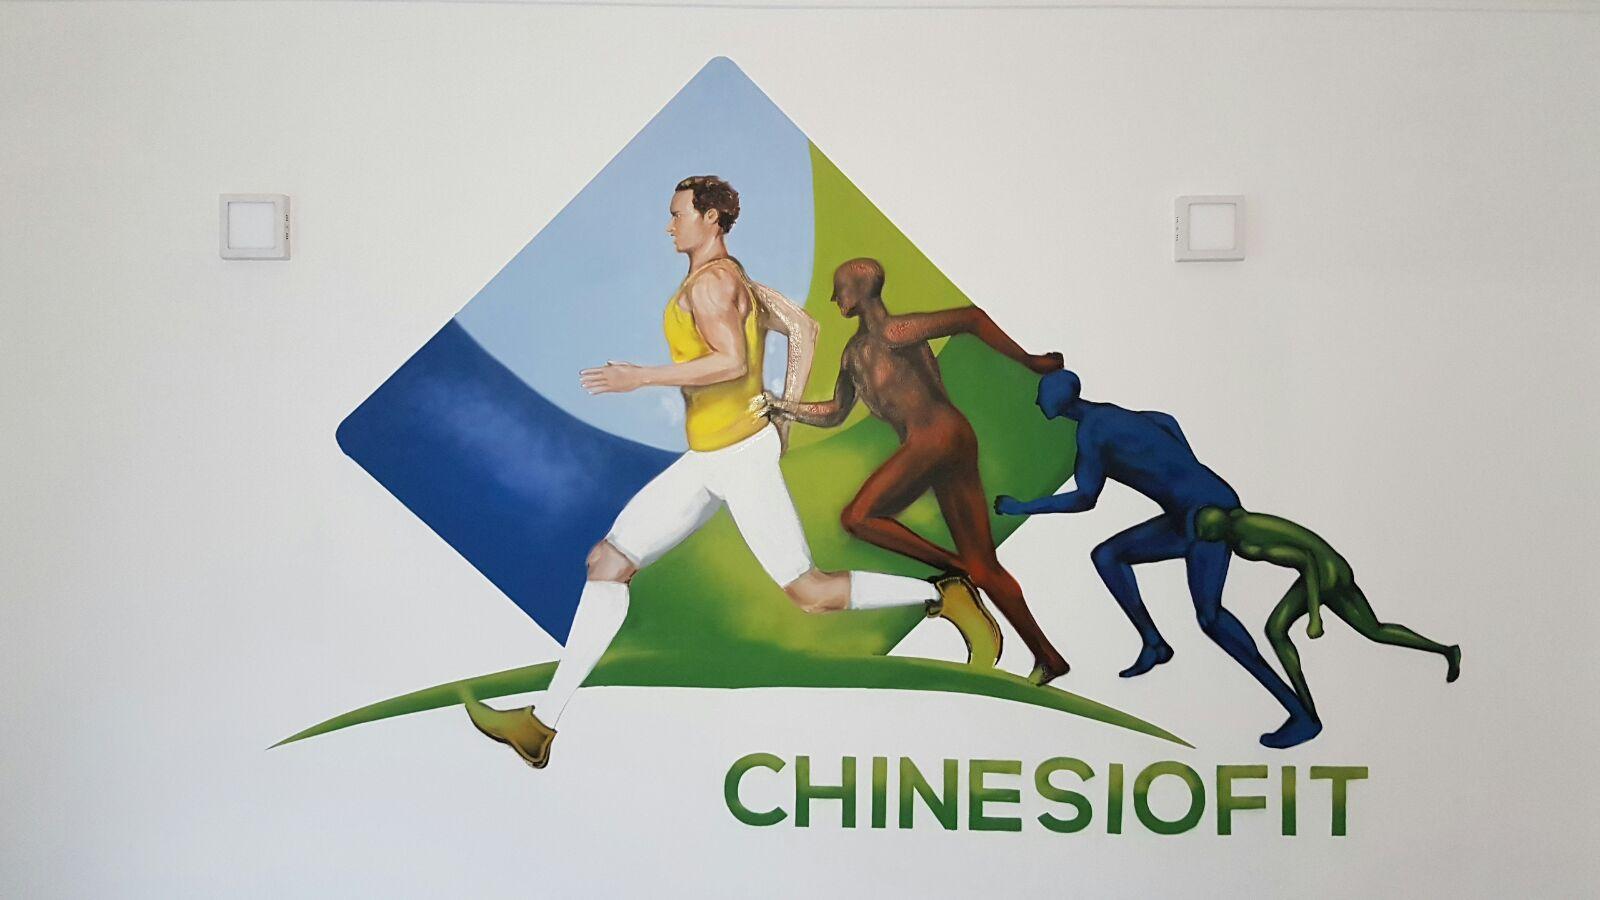 Chinesiofit Personal Trainer Torino